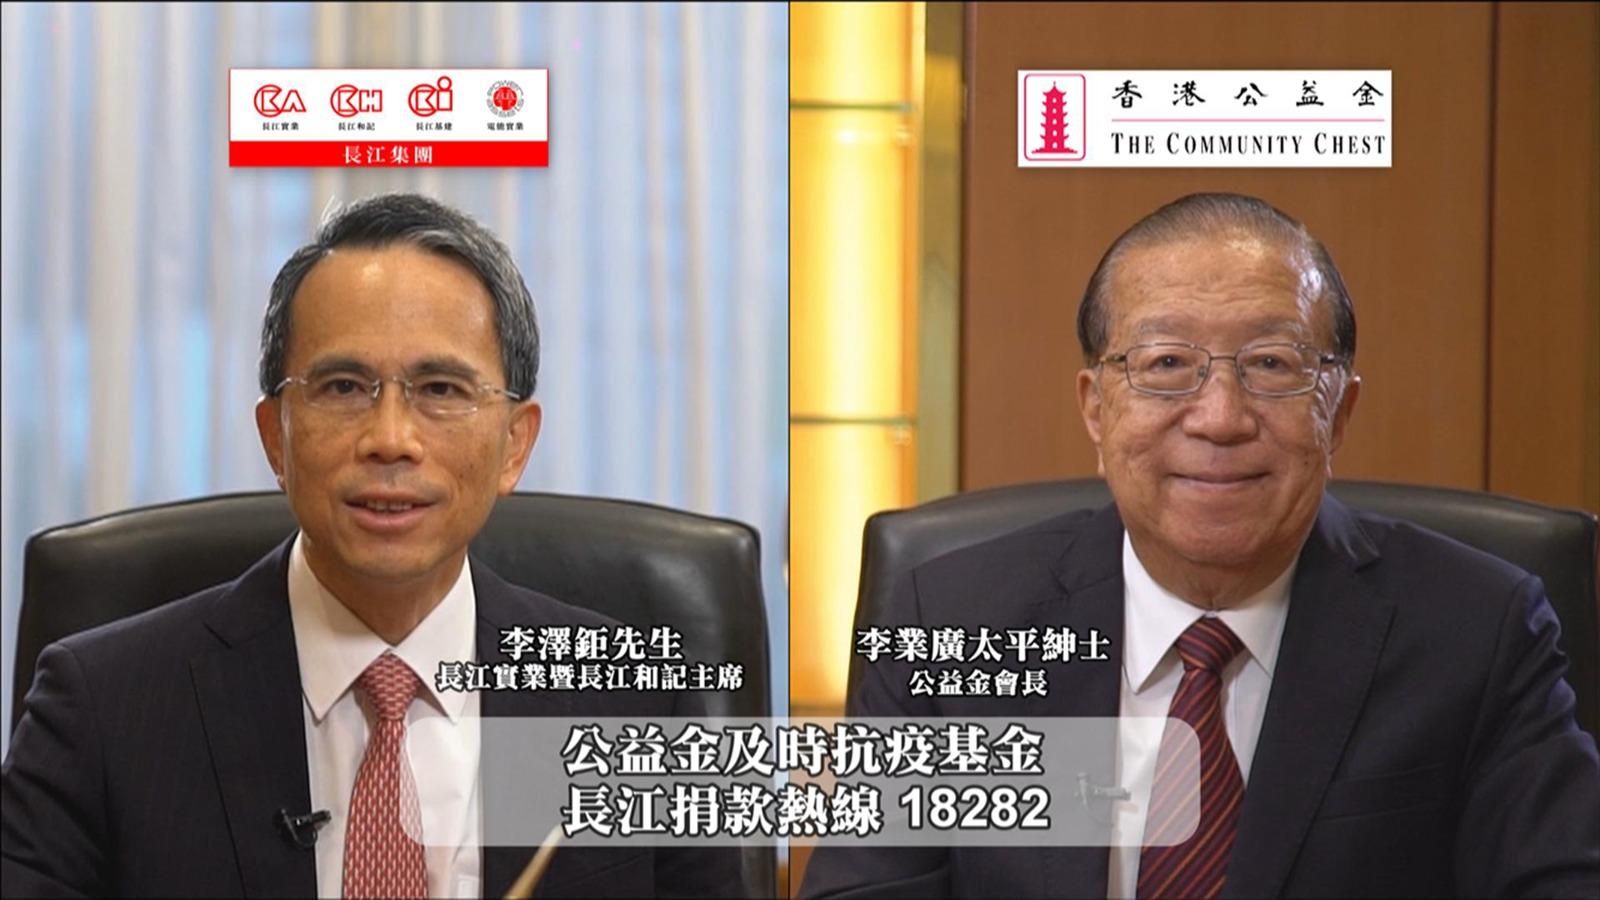 長江捐款熱線周六再為公益金抗疫籌款 長江集團配對贊助